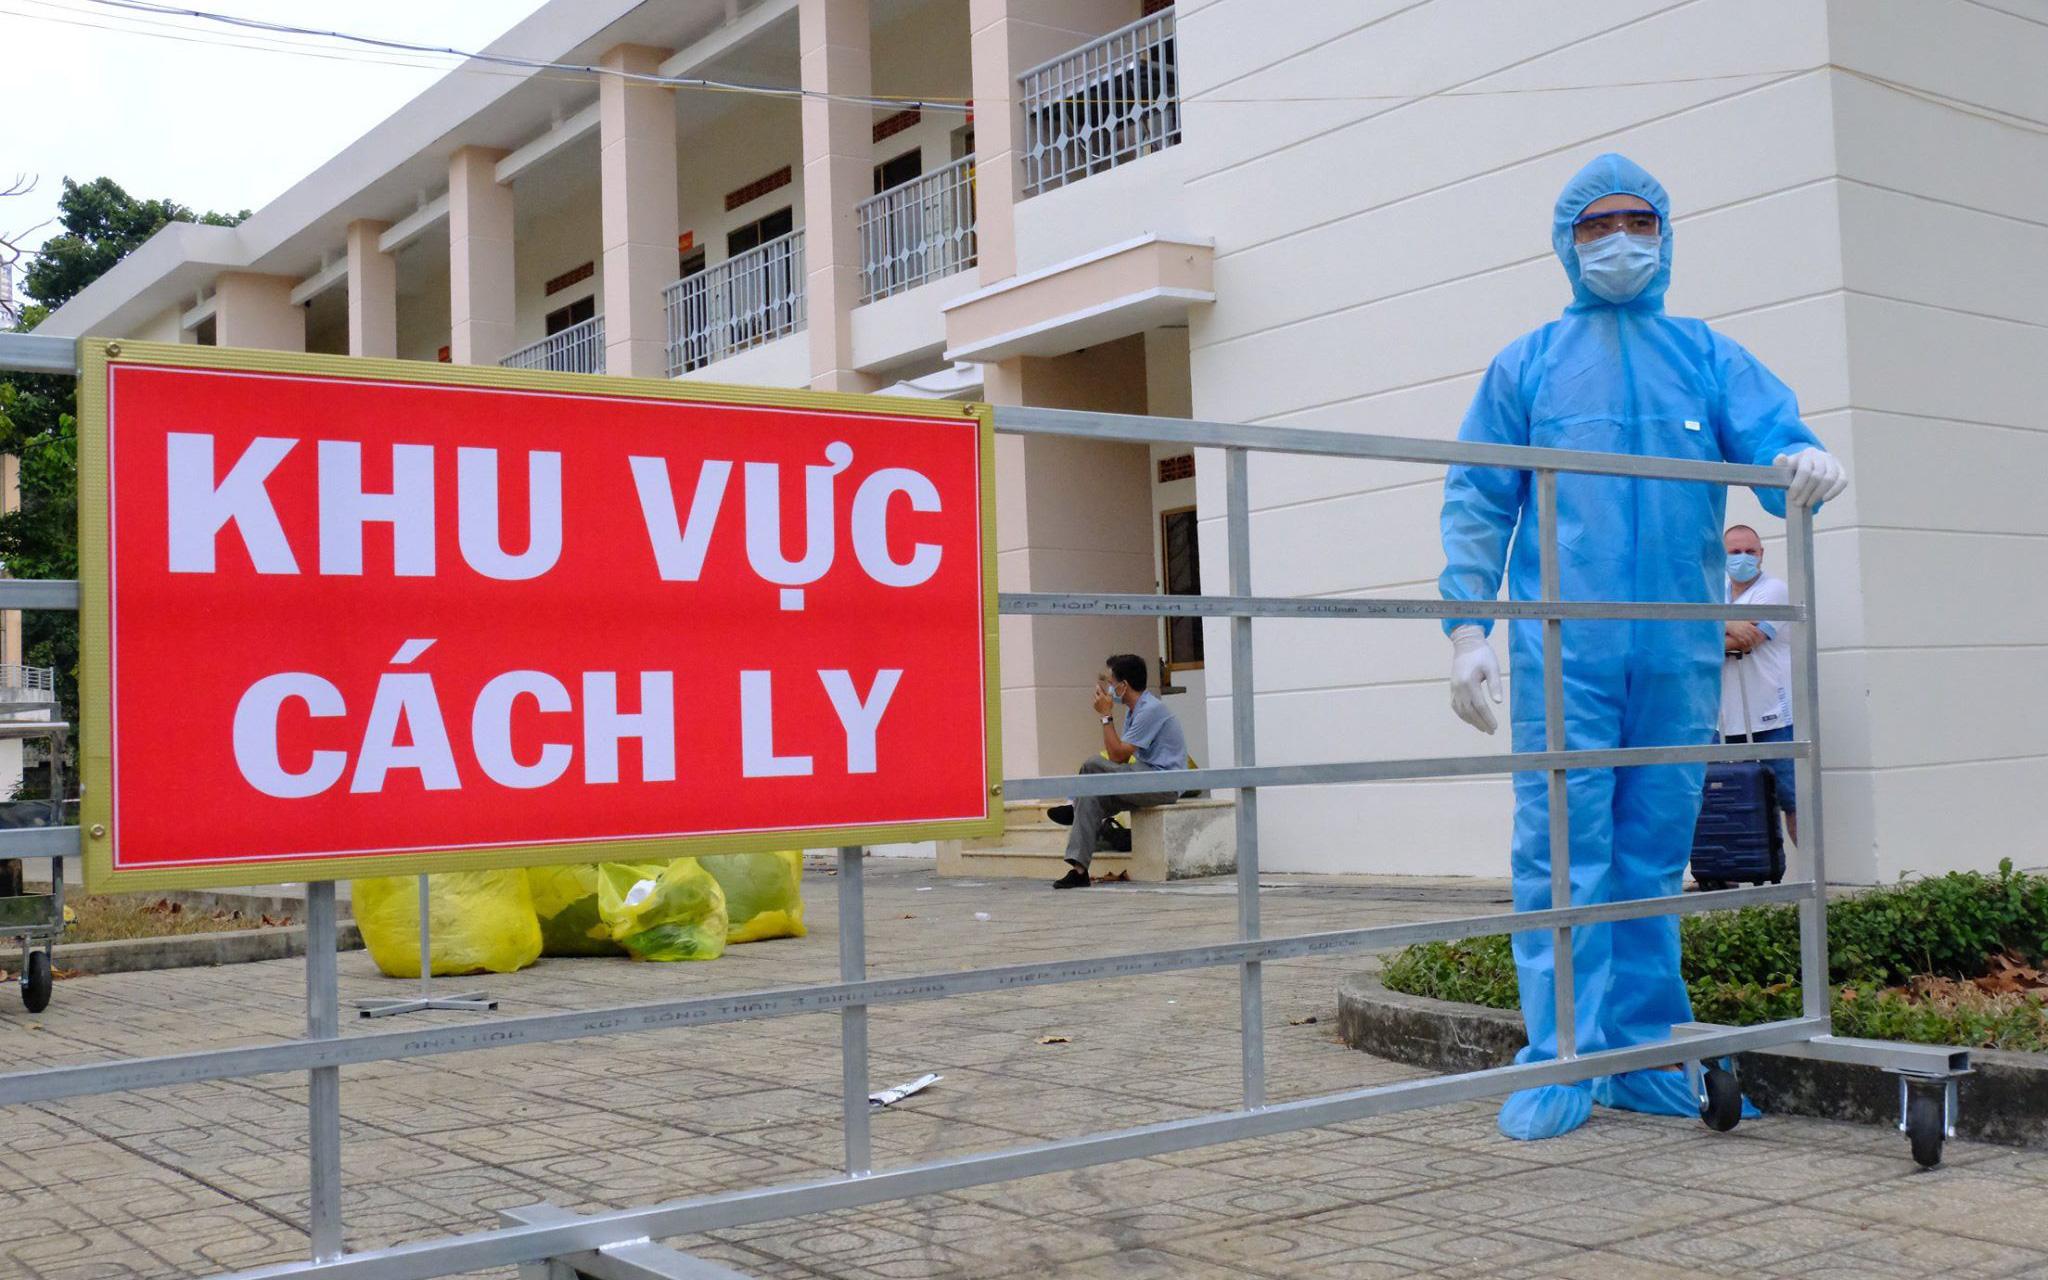 Một người Hàn Quốc làm việc tại Bình Dương phát hiện nhiễm Covid-19 khi về nước, 36 người tiếp xúc bị cách ly